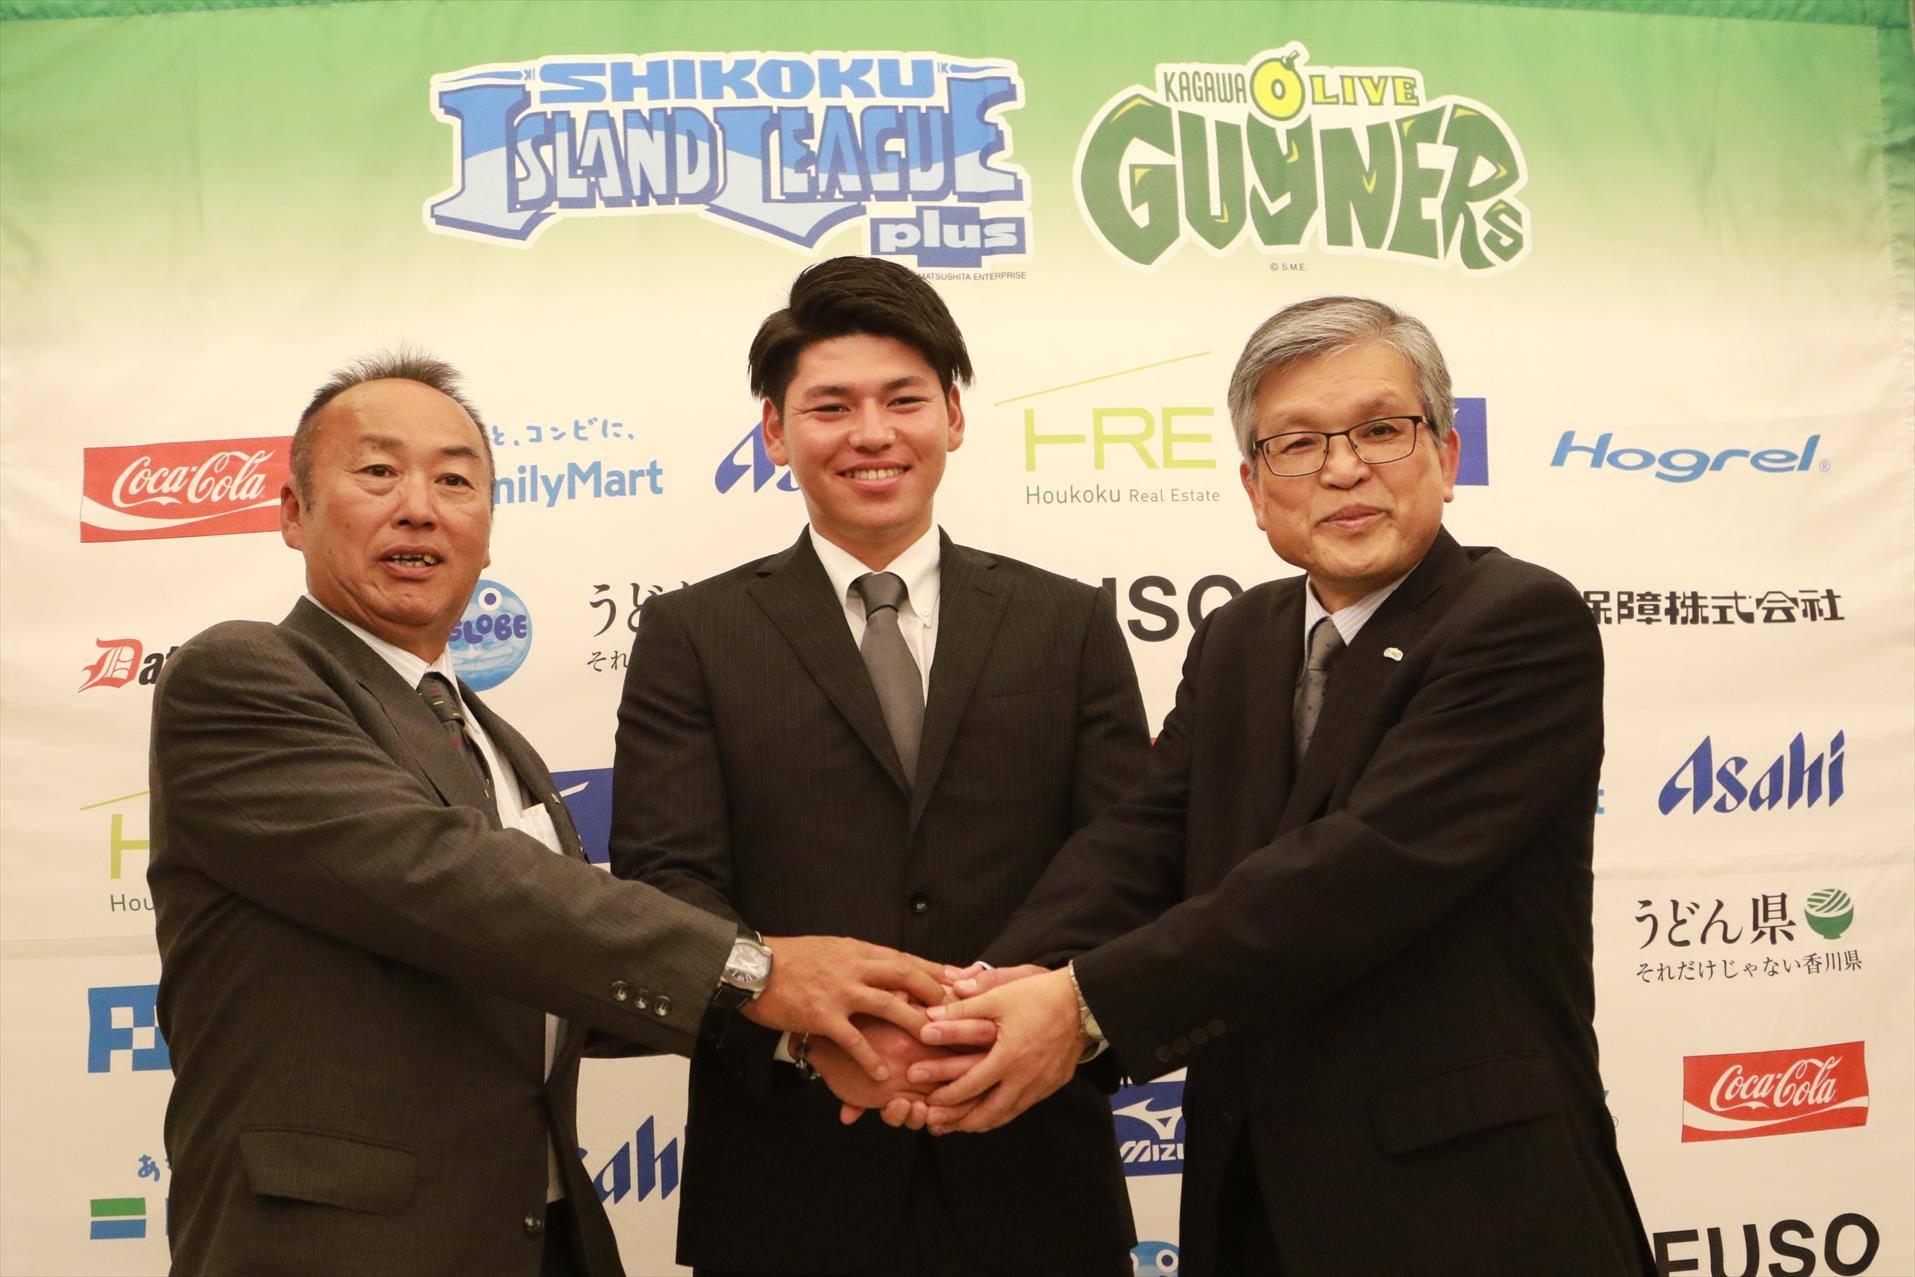 おめでとう!いつもスポタカをご利用いただいている、香川OG・松澤選手がジャイアンツよりドラフト指名されました!